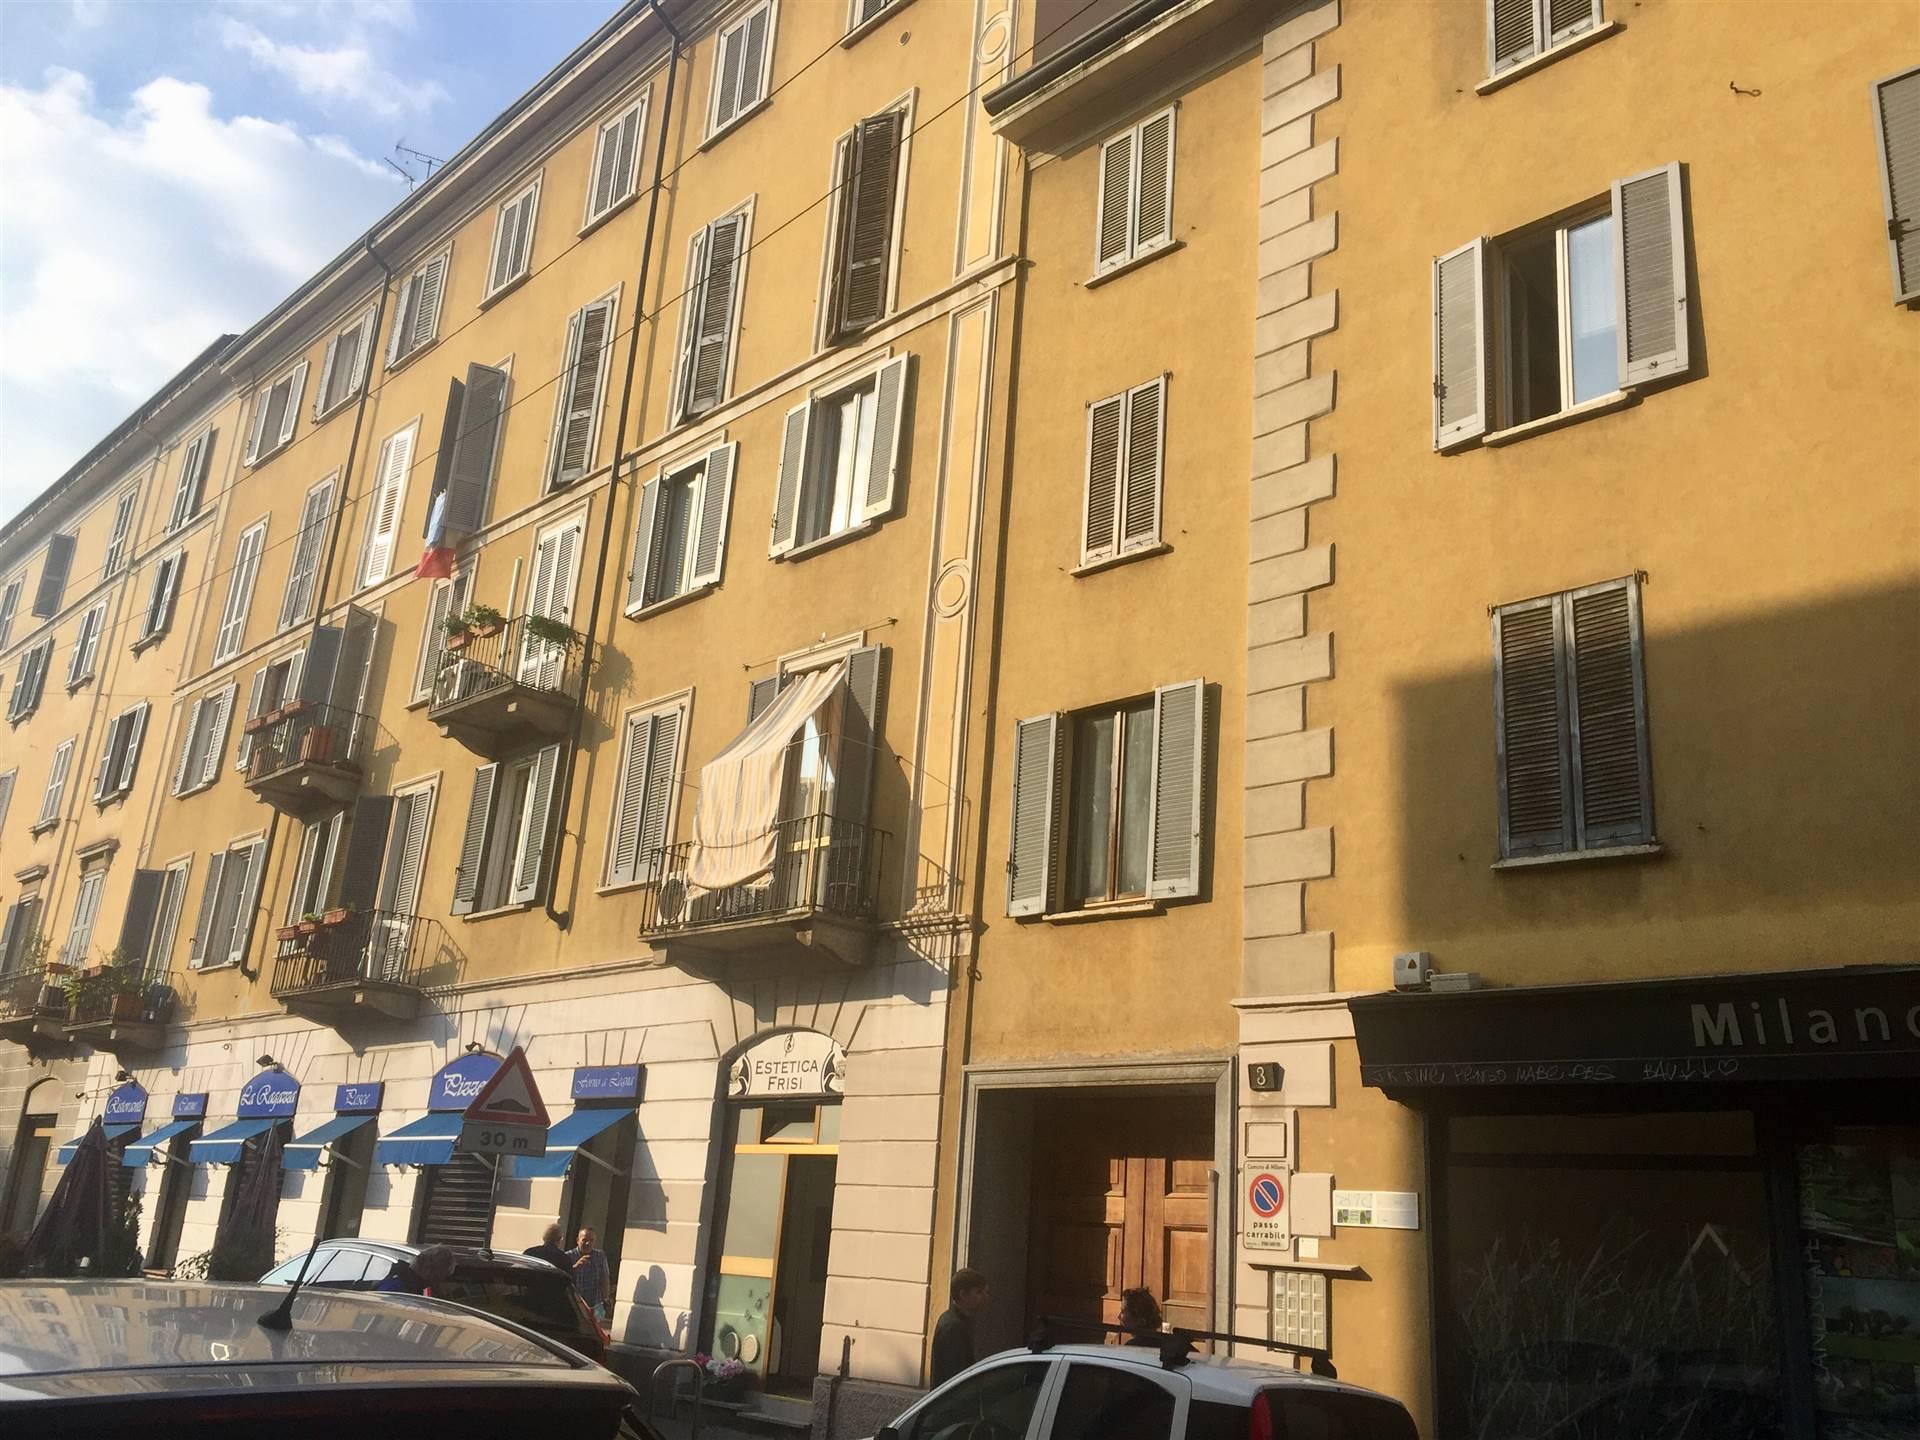 PORTA VENEZIA, MILANO, Квартира в аренду, После ремонта, Отопление Независимое, Класс энергосбережения: G, Epi: 175 kwh/m2 год, на земле 2° на 4, состоит из: 2 Помещения, Кухонька, , 1 Комнаты, 1